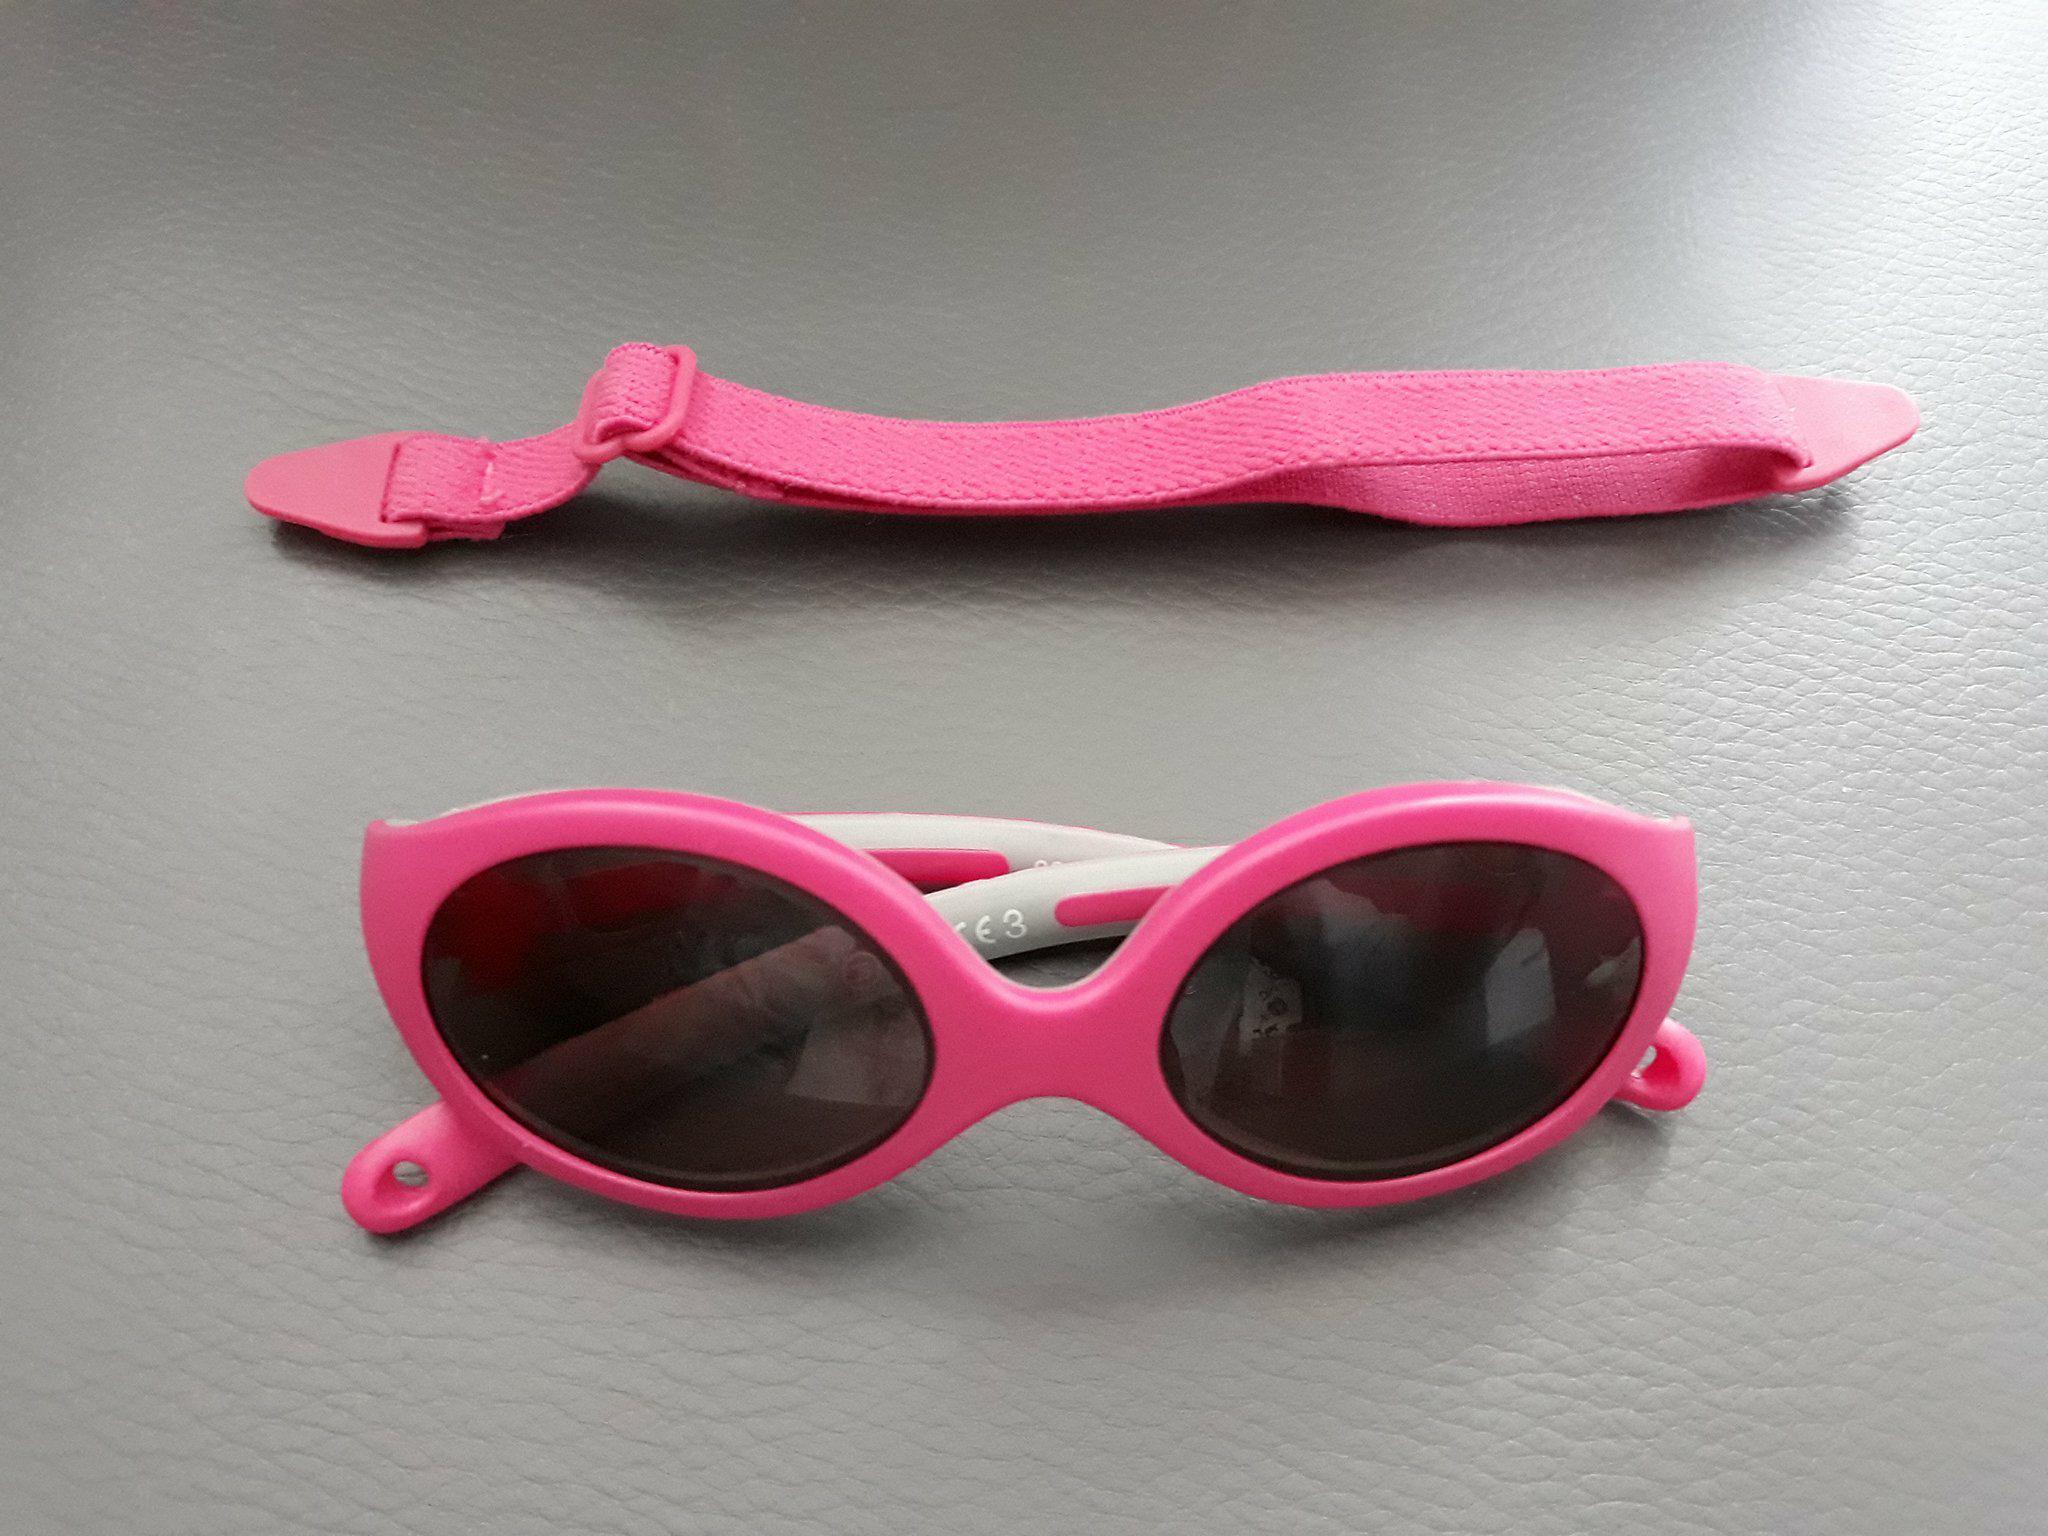 Okulary niemowlęce zprzyciemnianymi szkłami, odfirmy B&S wkolorze różowym.